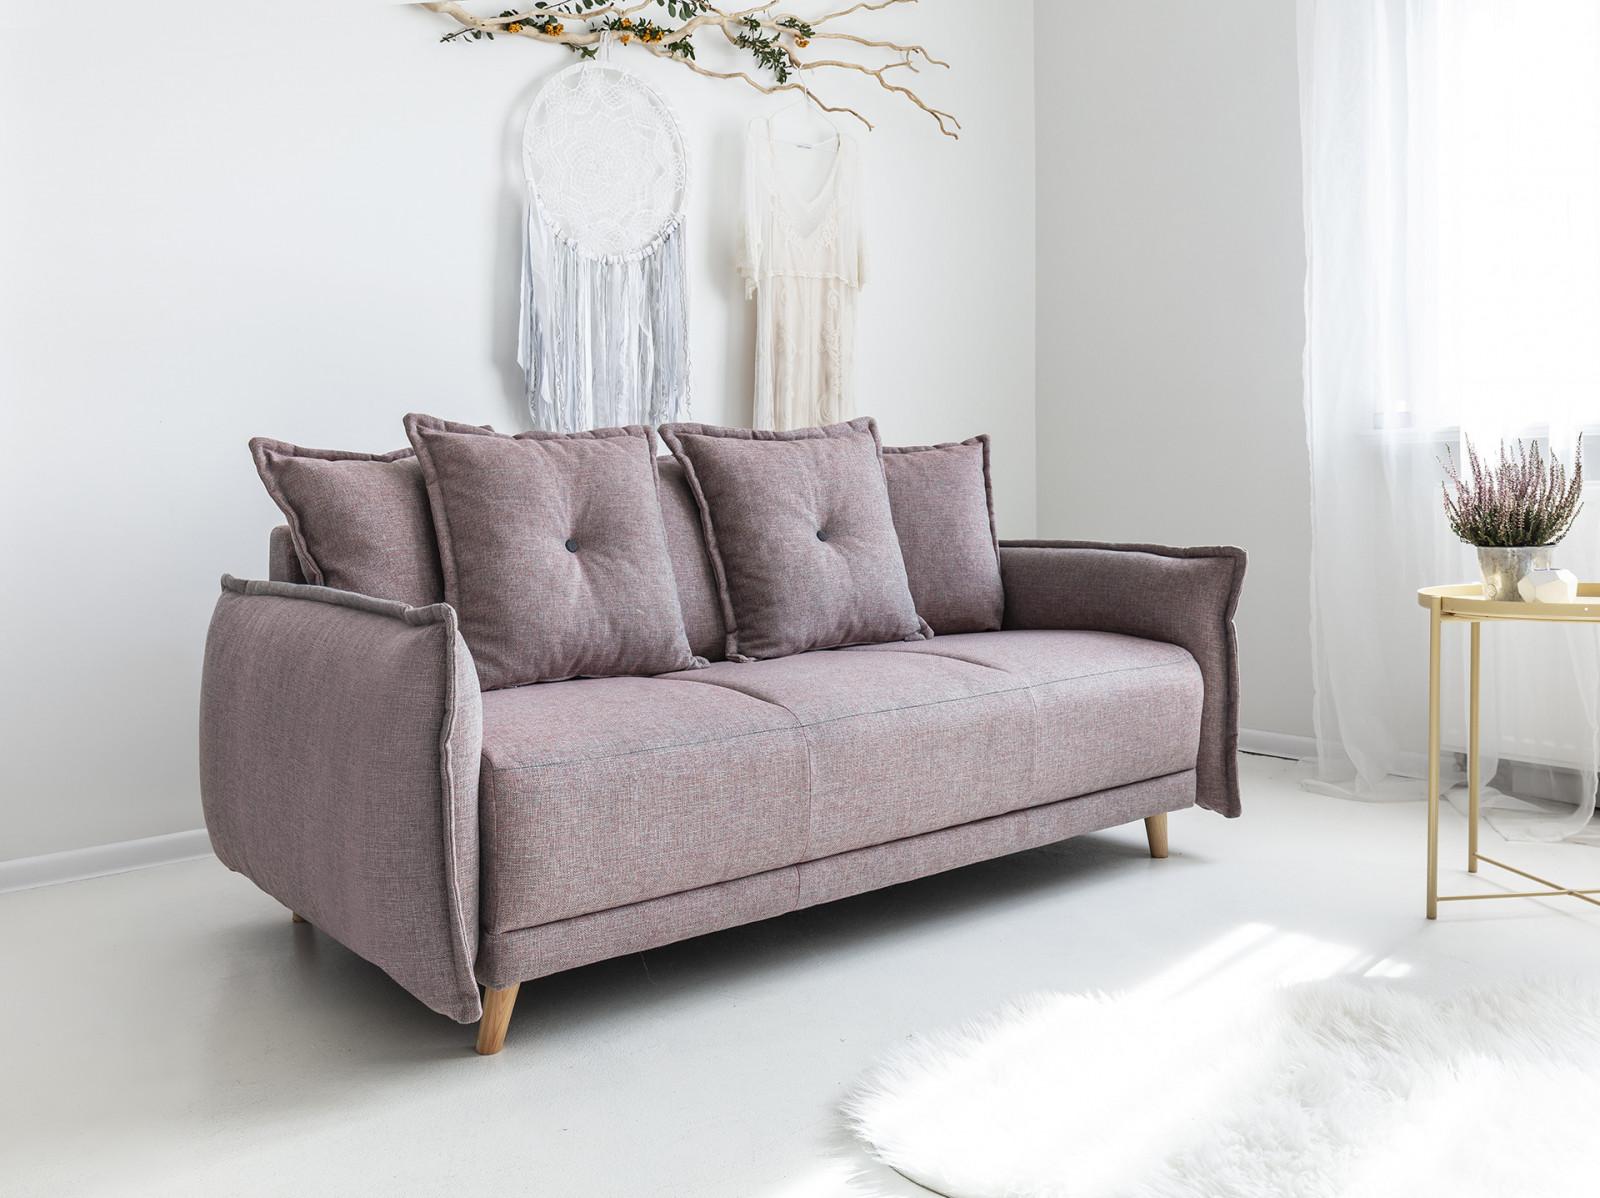 Full Size of Sofa 3 Sitzer 3er Grau Big Mit Hocker Für Esszimmer Dauerschläfer Hussen 2 Cassina Schillig Microfaser Sofa Sofa 3 Sitzer